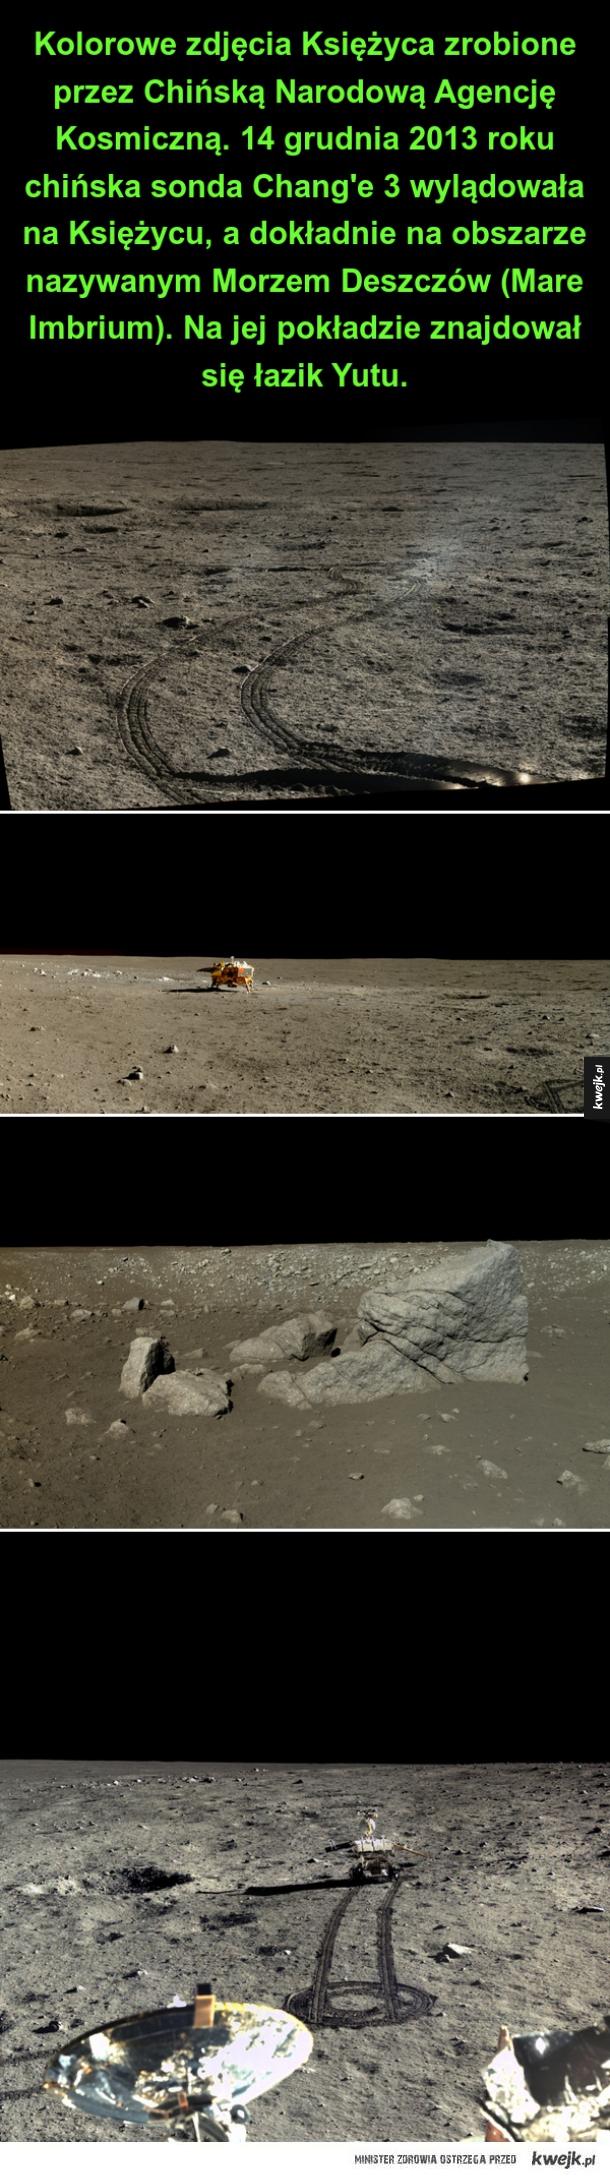 Kolorowe zdjęcia Księżyca